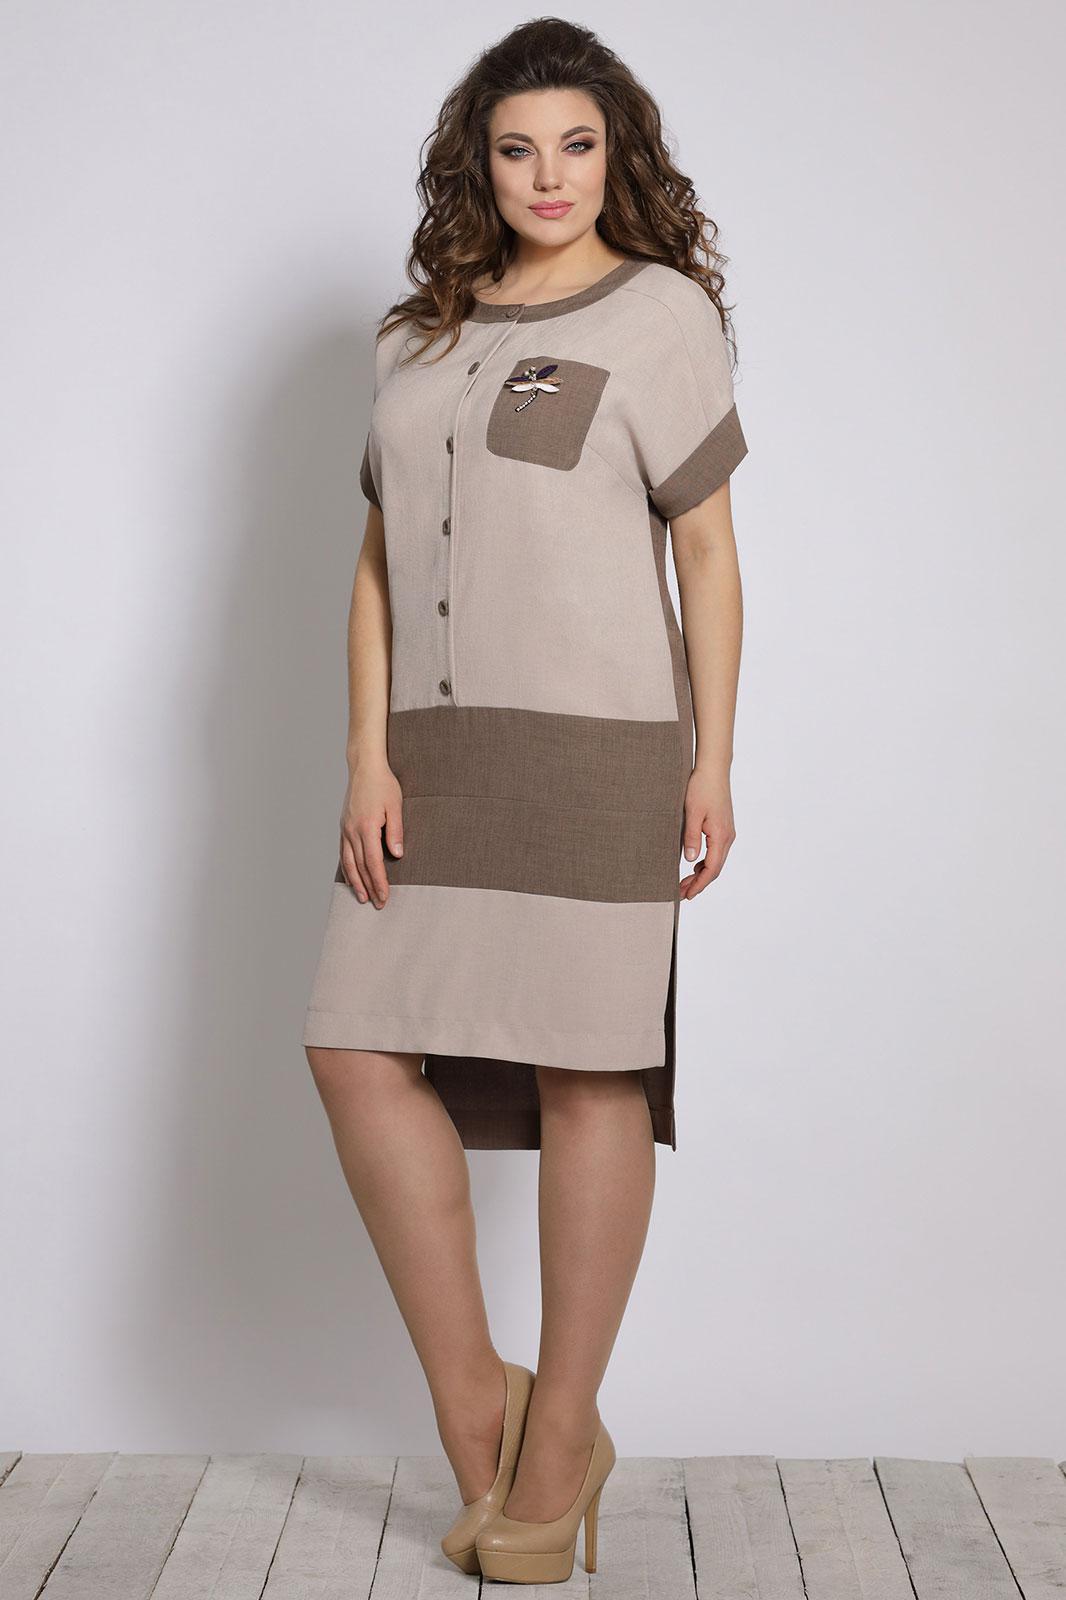 Купить Оптом Качественную Одежду